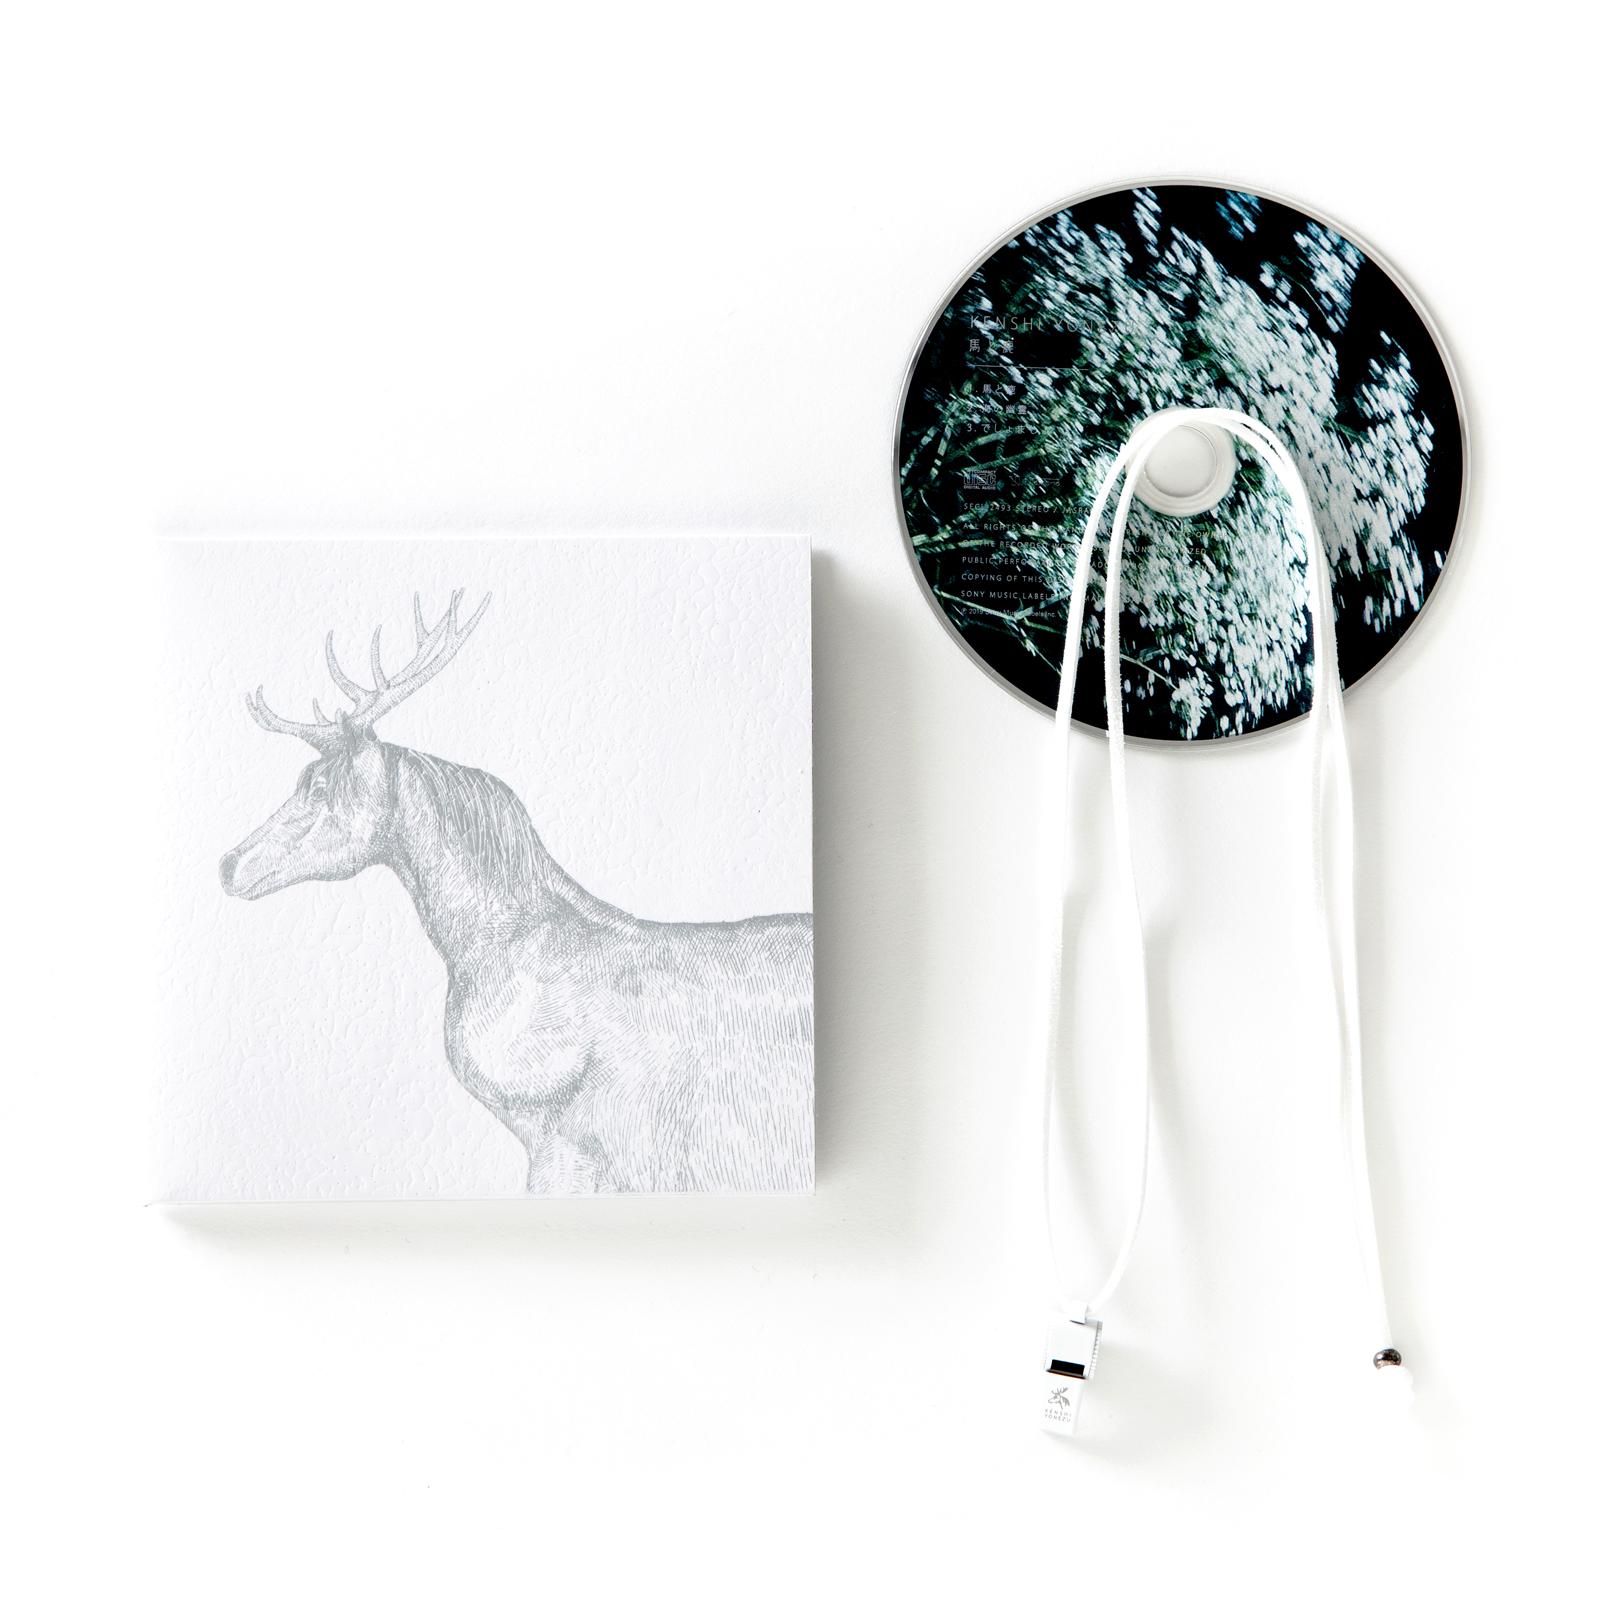 米津玄師、9月11日リリースのニュー・シングル『馬と鹿』商品写真を発表